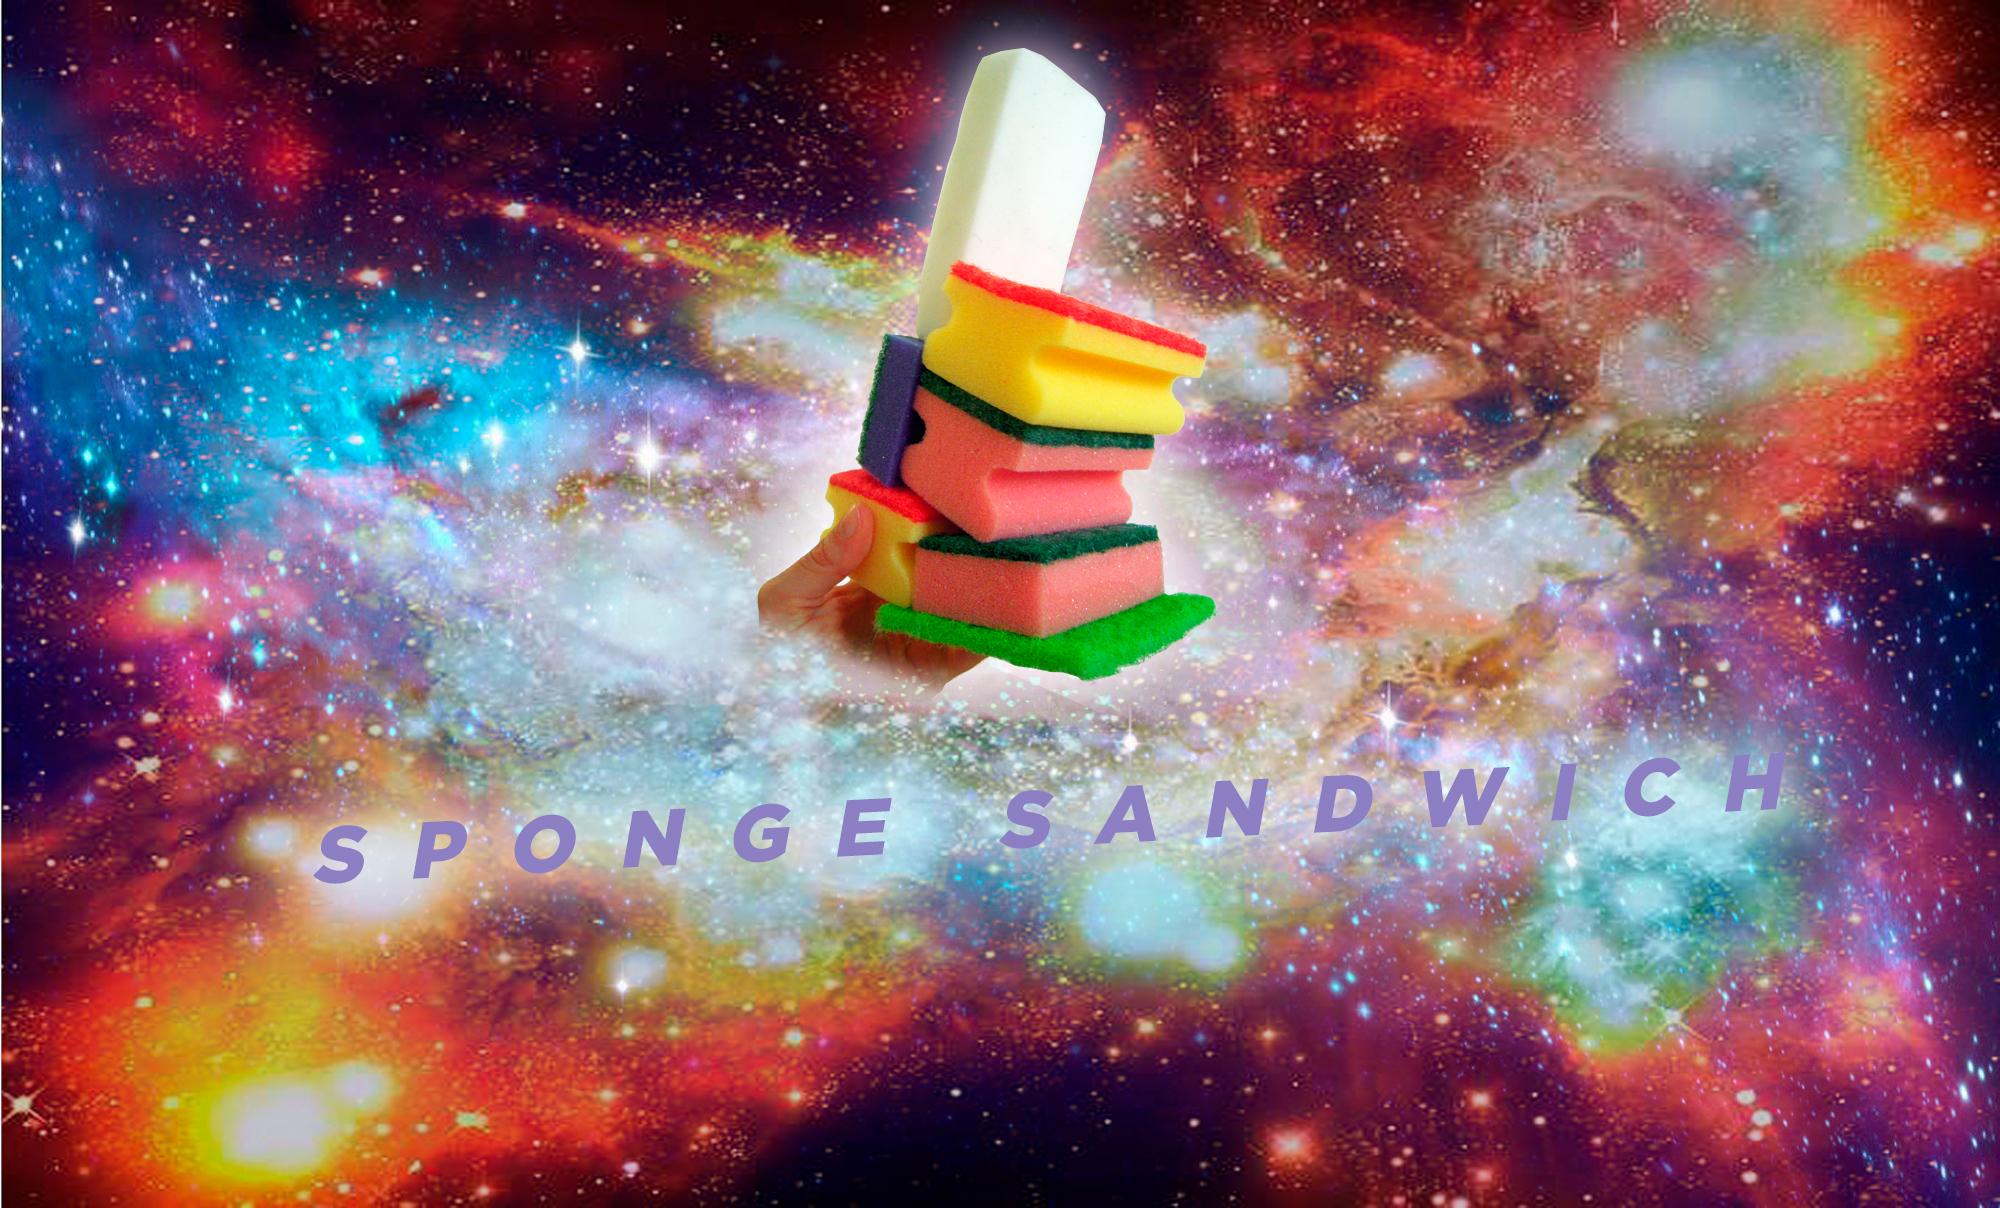 Sponge Sandwich – Berlin, Germany – 2019